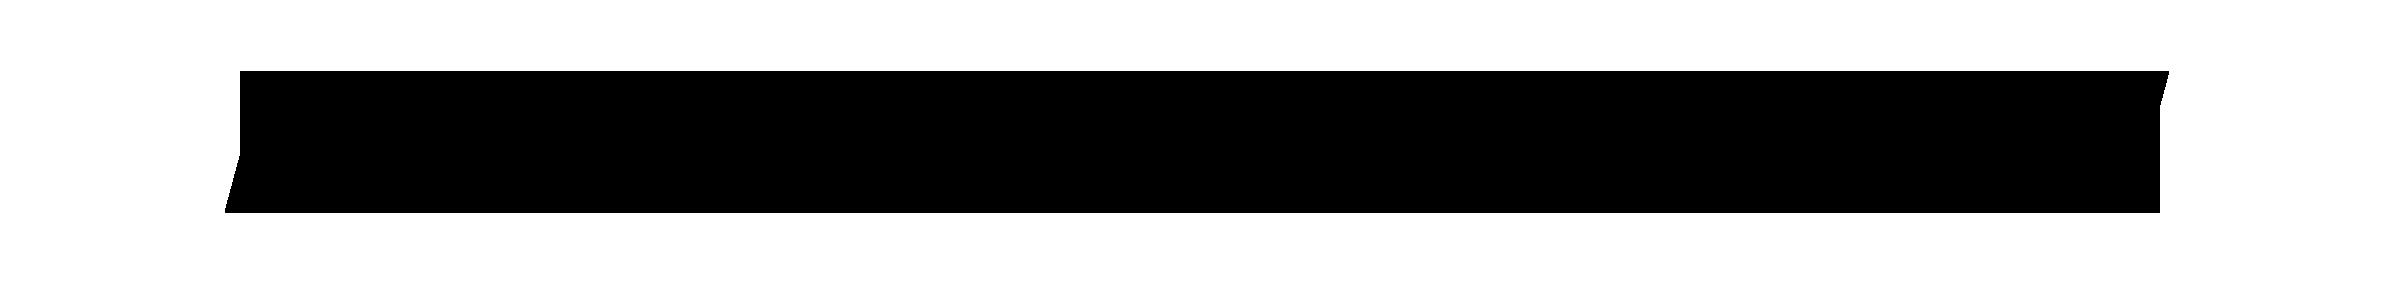 Logotype letterhead2